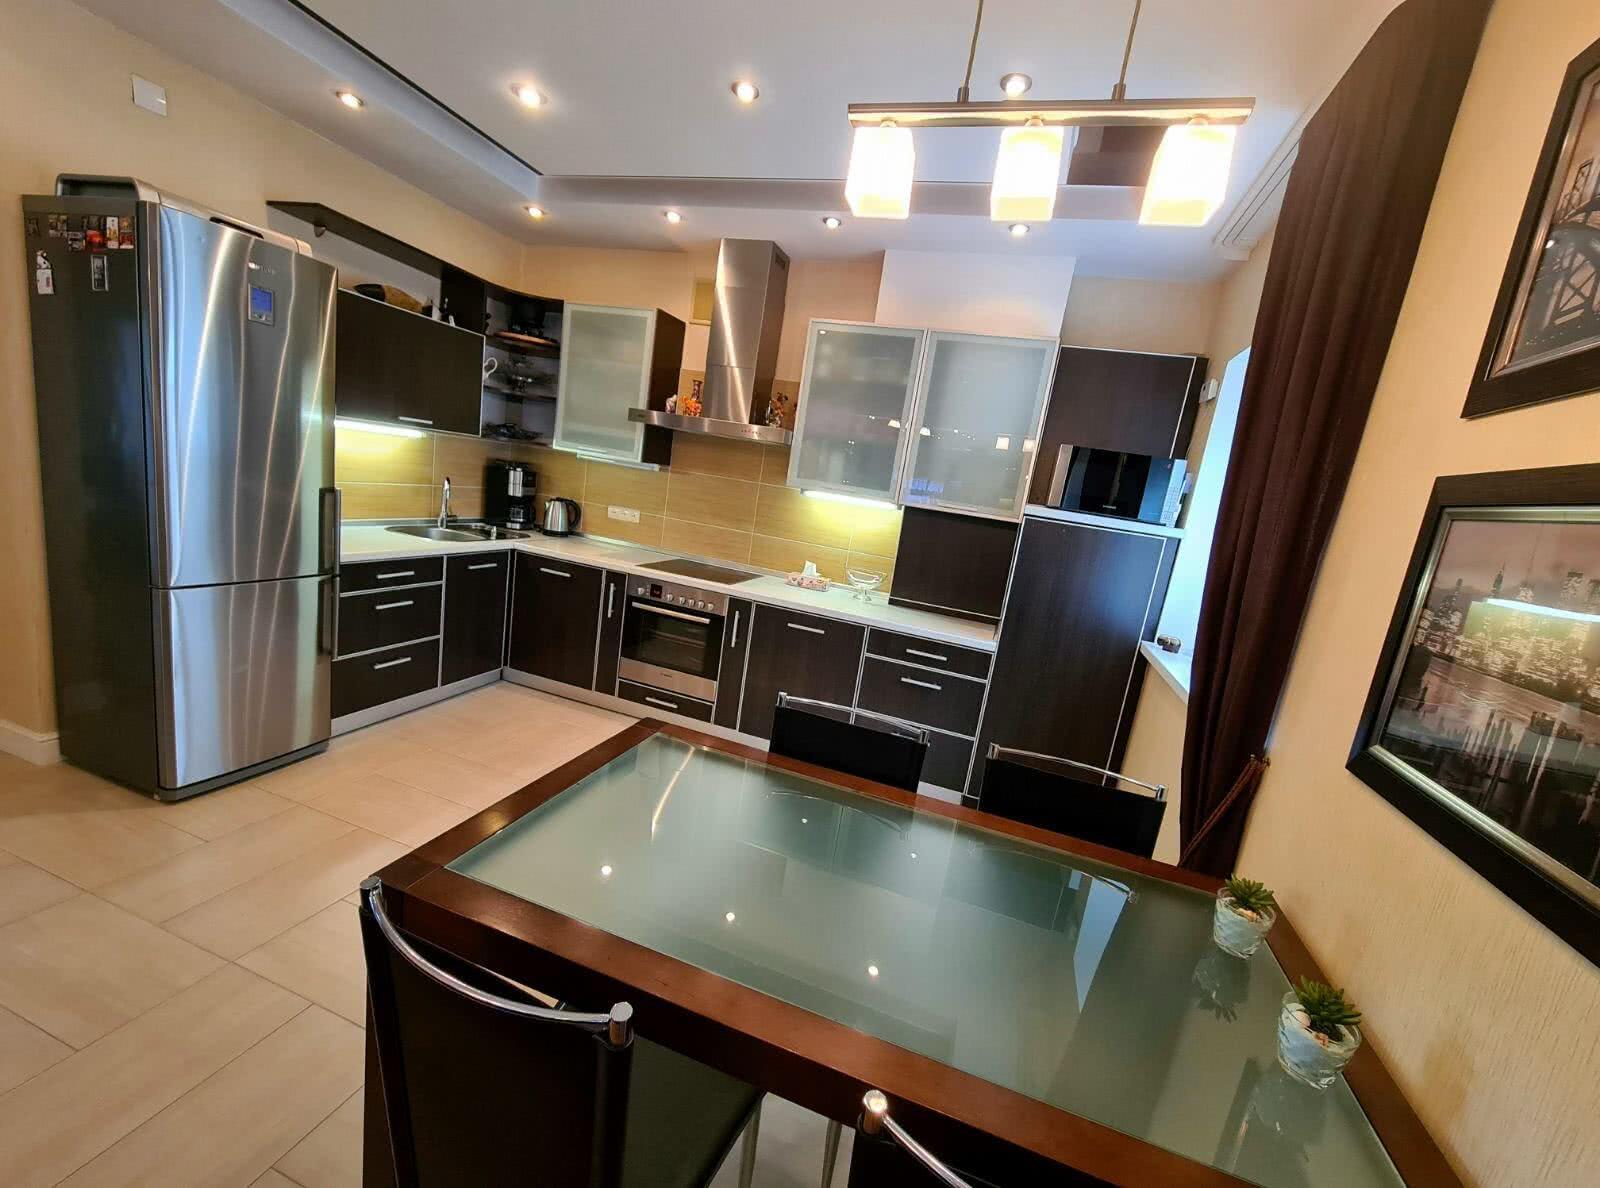 Продажа 2-этажного дома в Минске, Минская область ул. Собинова - фото 1